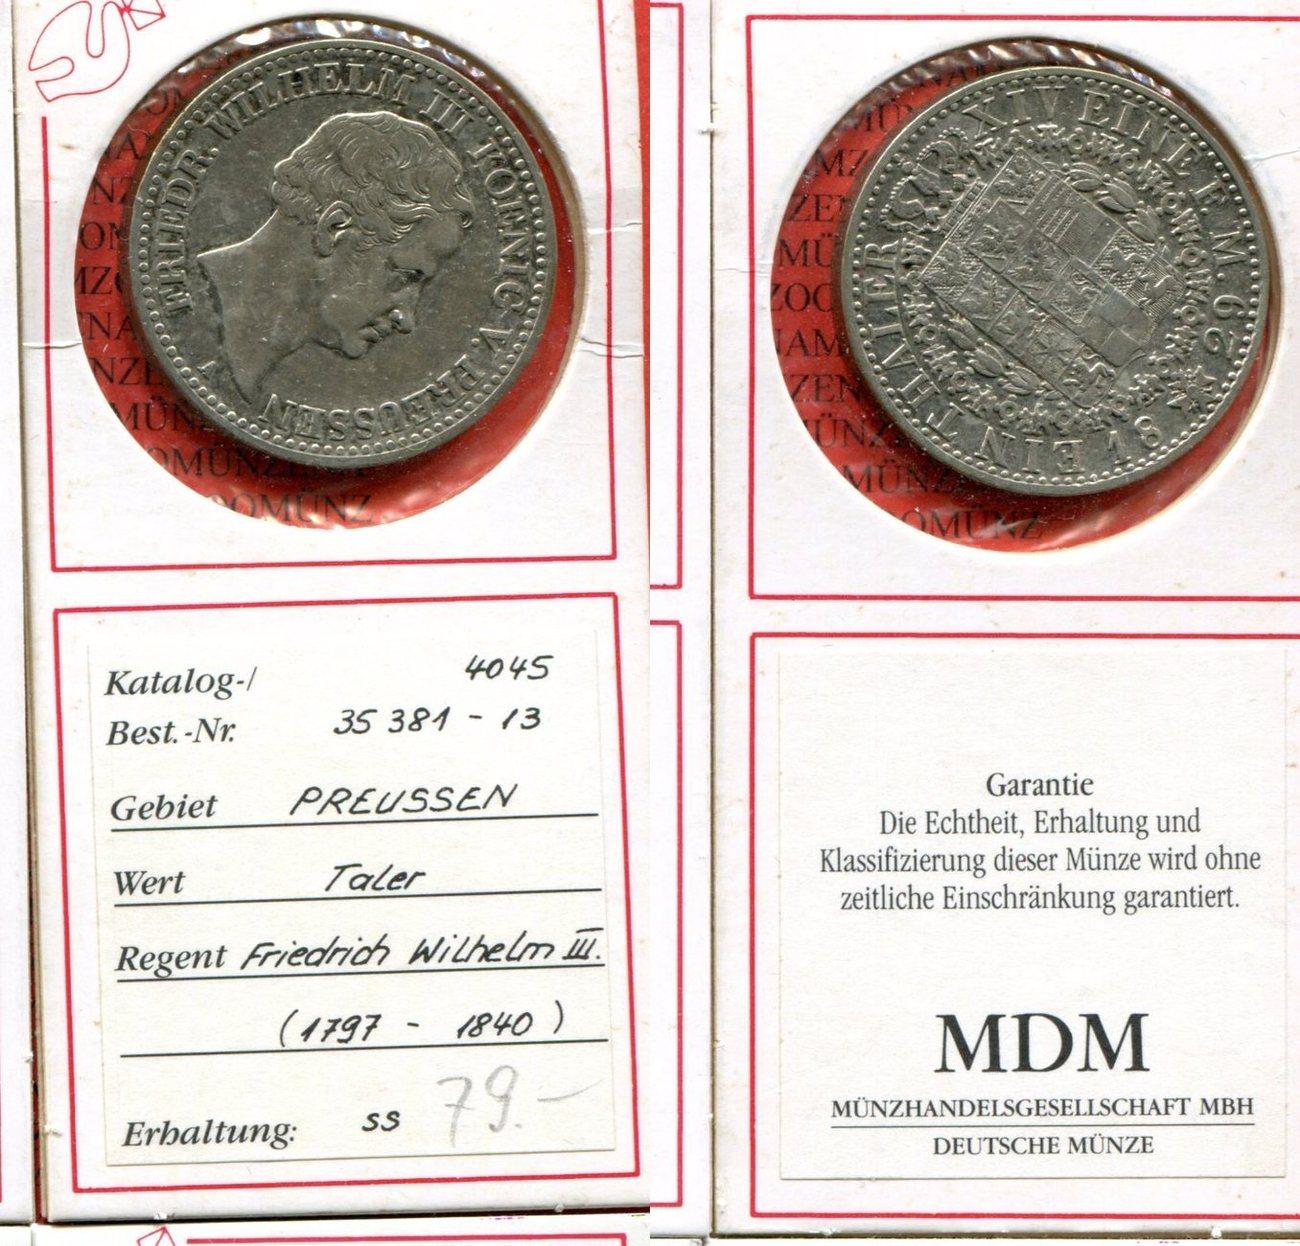 1 Taler Silber 1829 Brandenburg Preußen Deutsches Reich Preußen 1